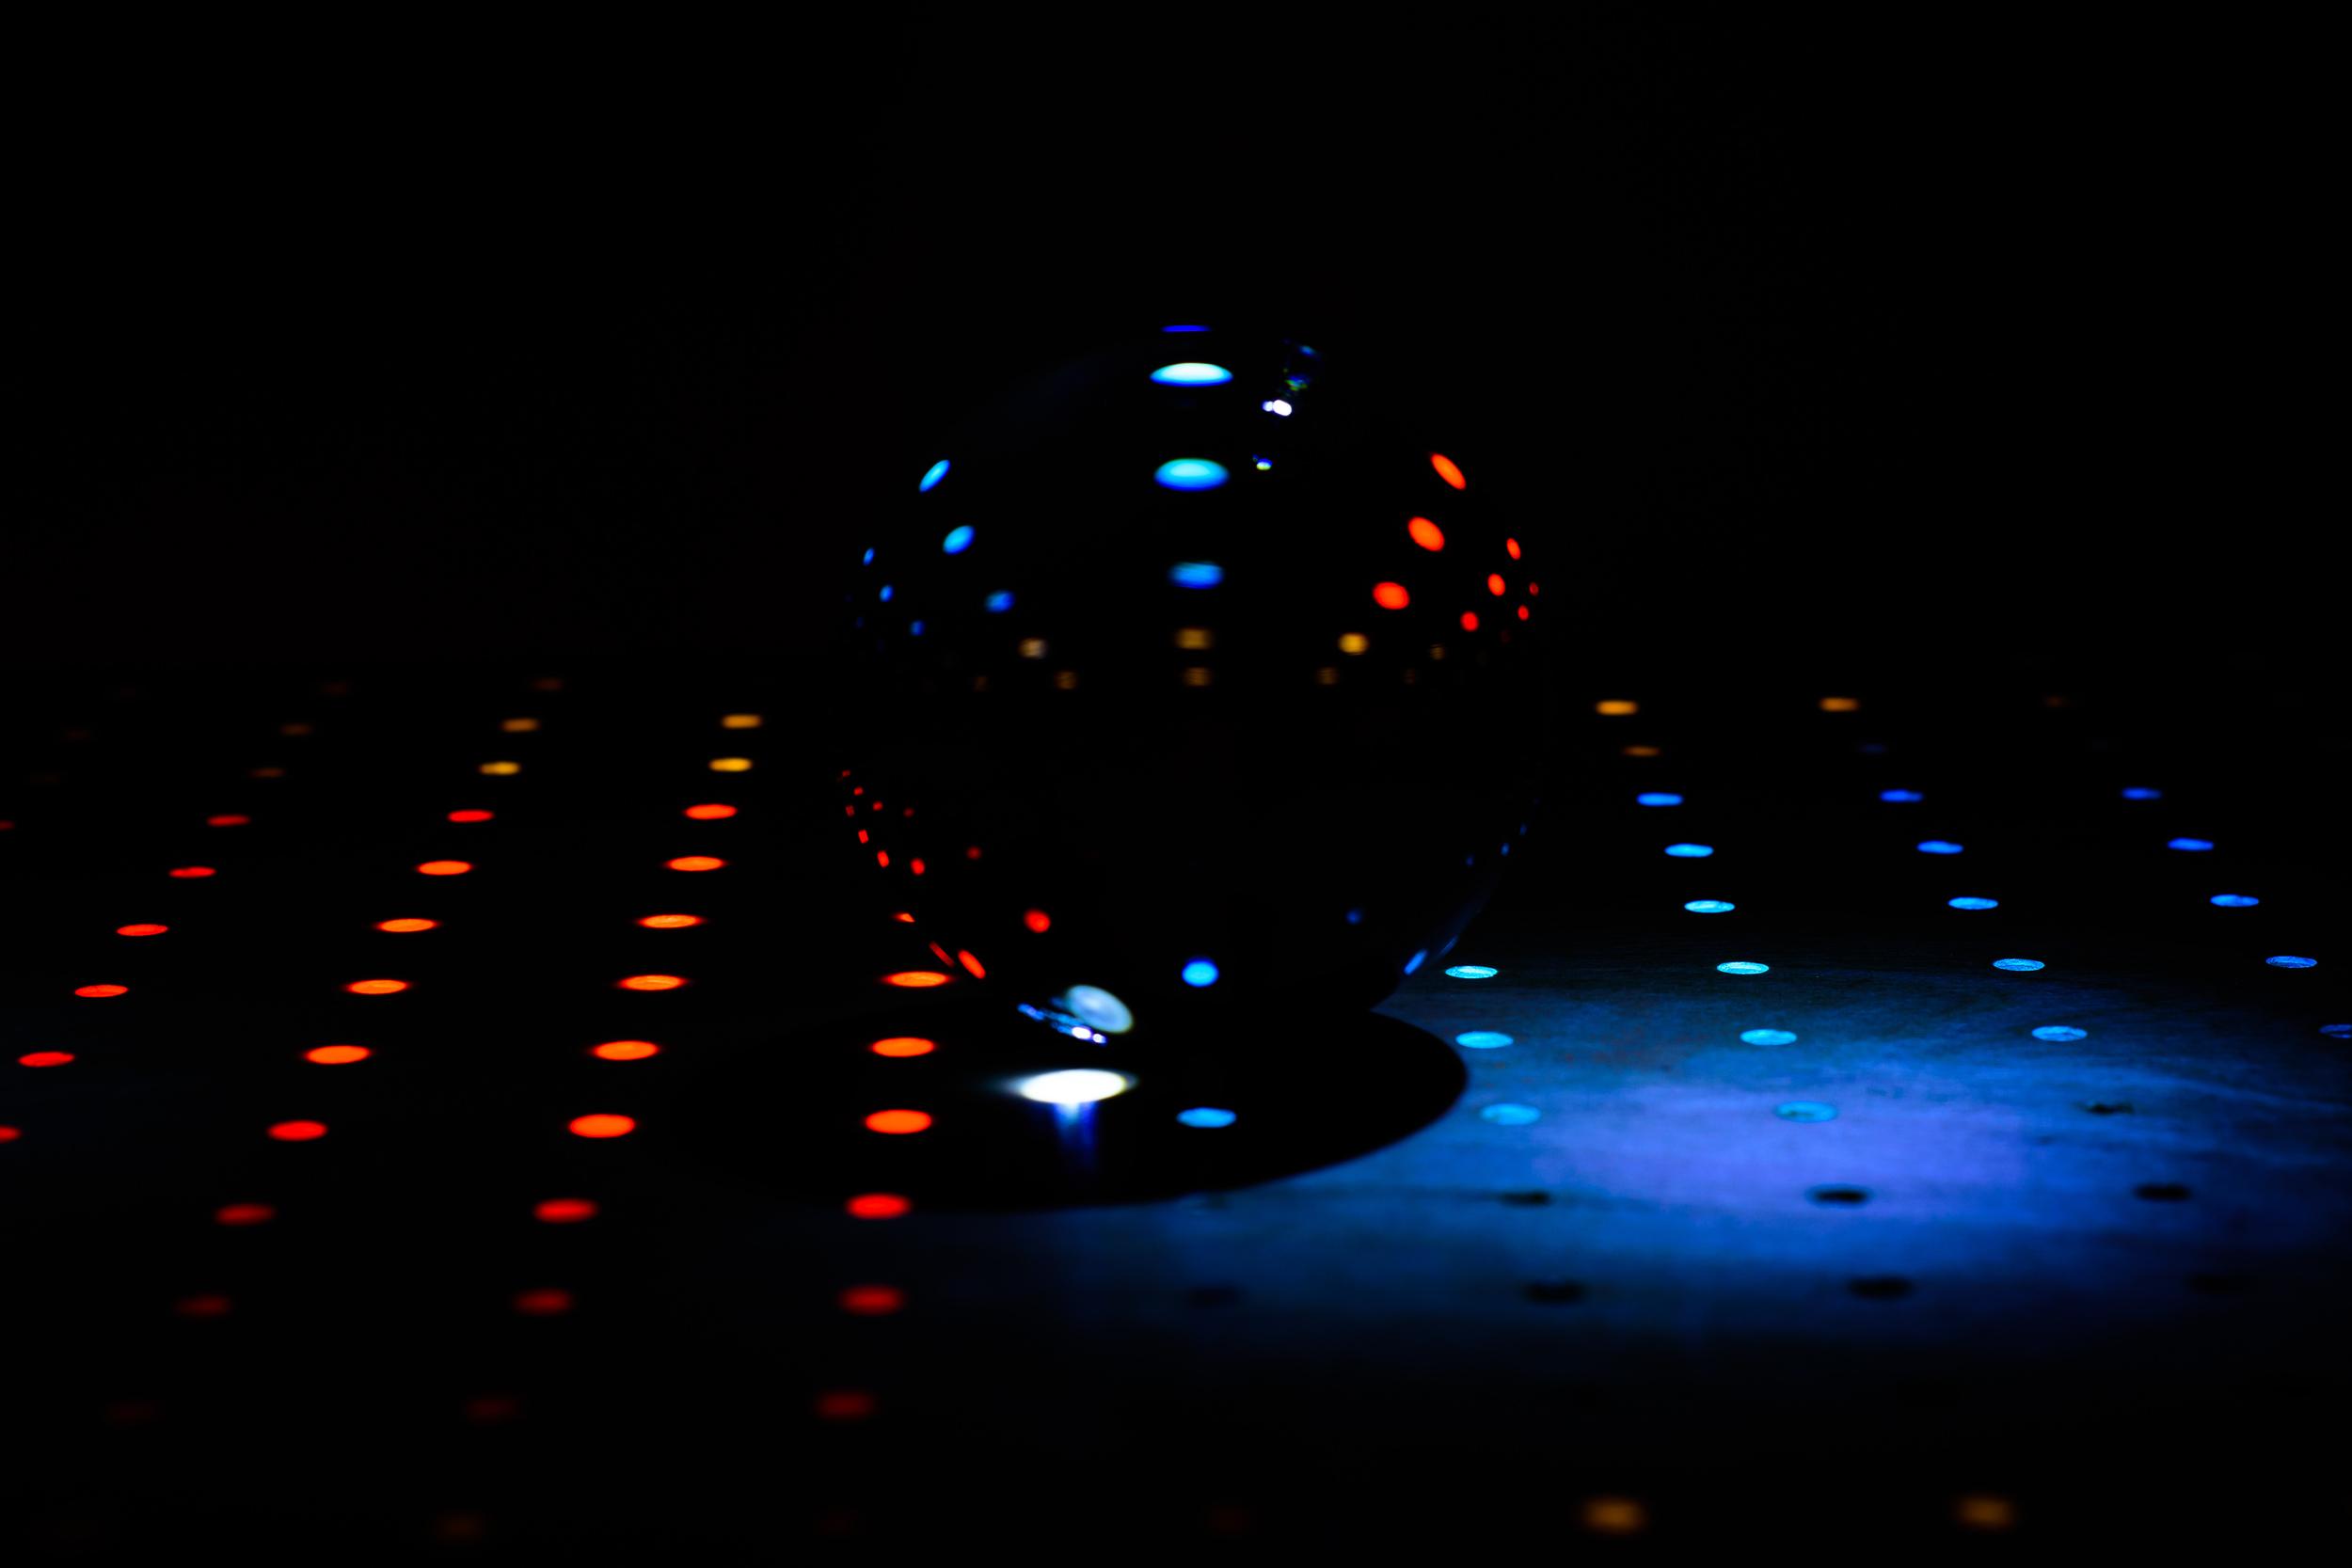 Breng de spotlight op de dansvloer - disco met kristallen bol. Eigenzinnige fotografie.